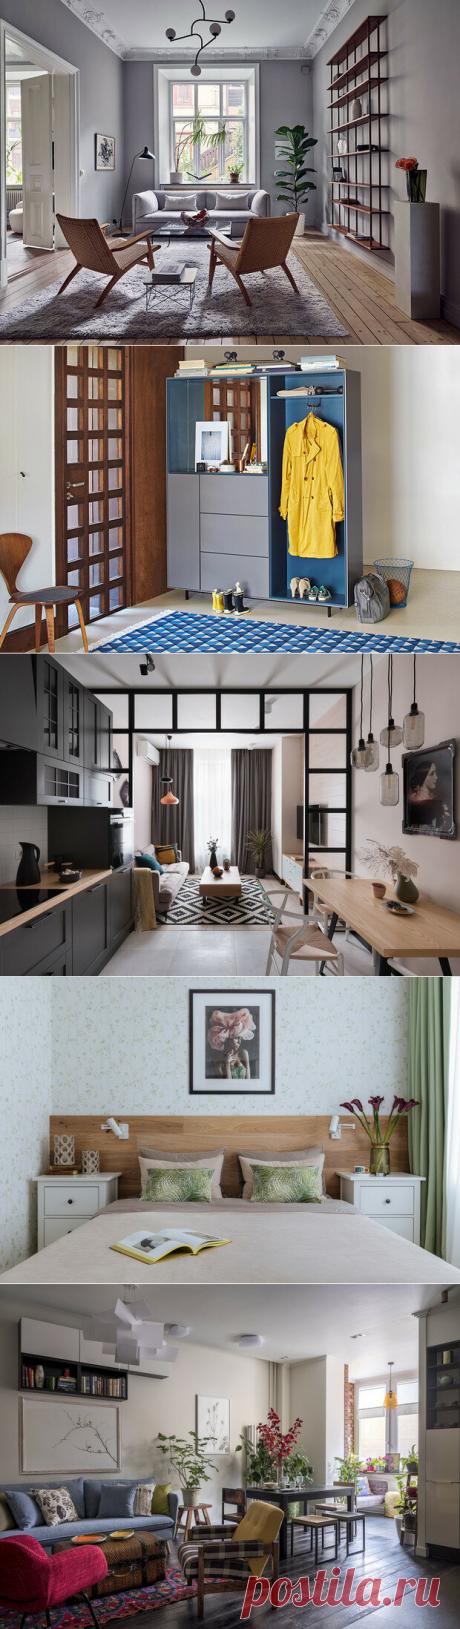 Квартира под сдачу: 10 советов, как сделать интерьер более привлекательным | ELLE Decoration | Яндекс Дзен